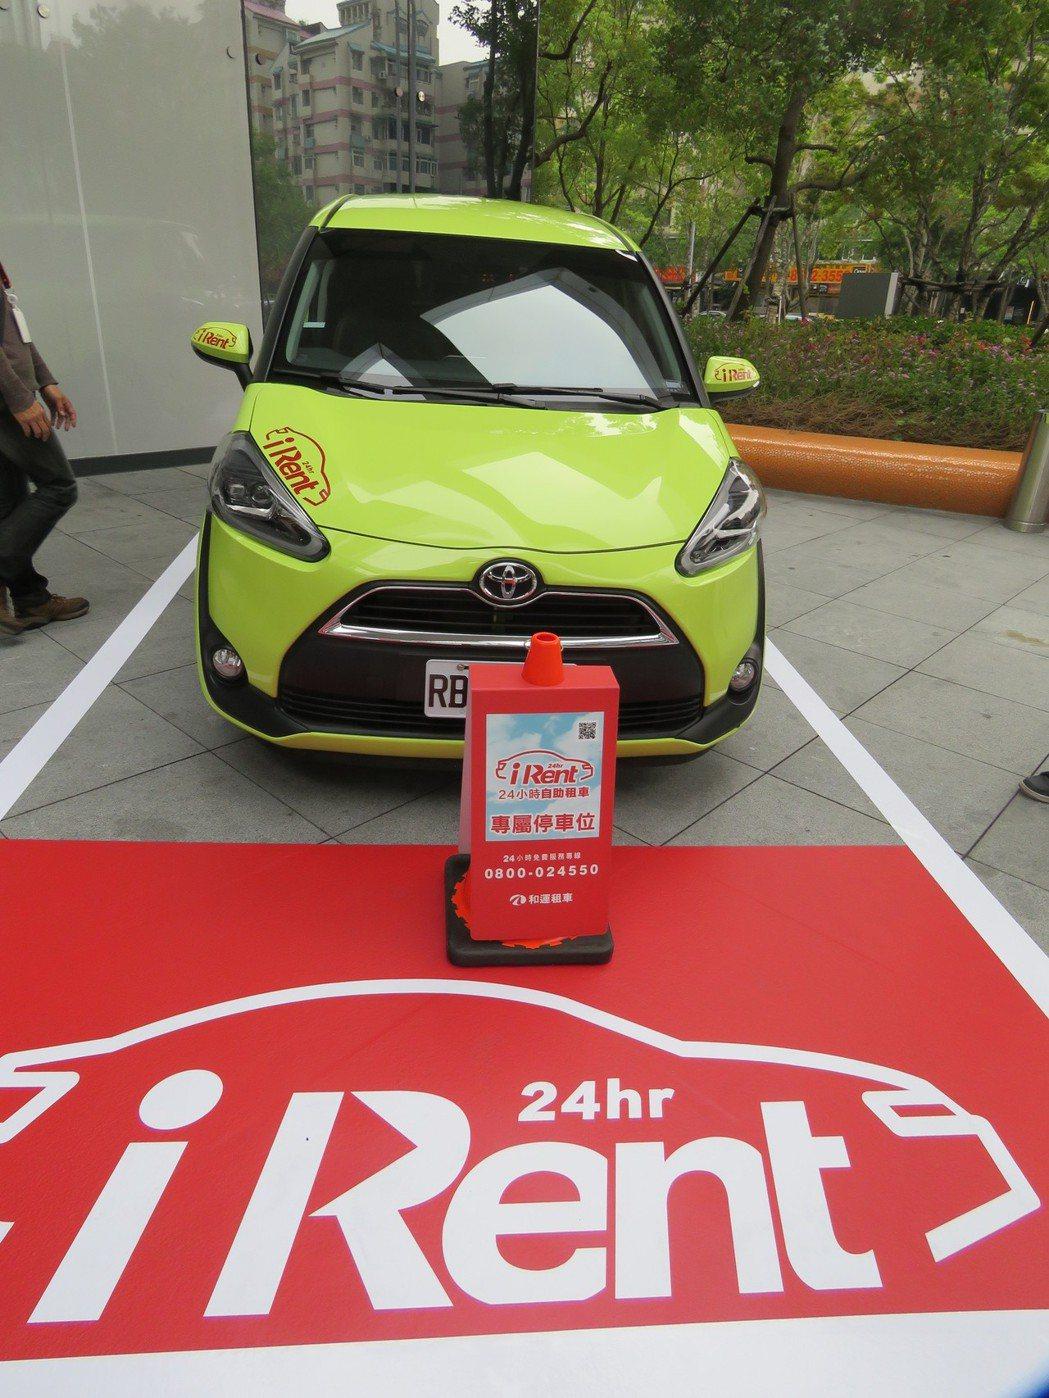 台灣高鐵、東南旅行社、和運租車聯手推出高鐵加自駕的自由行新產品。記者雷光涵/攝影